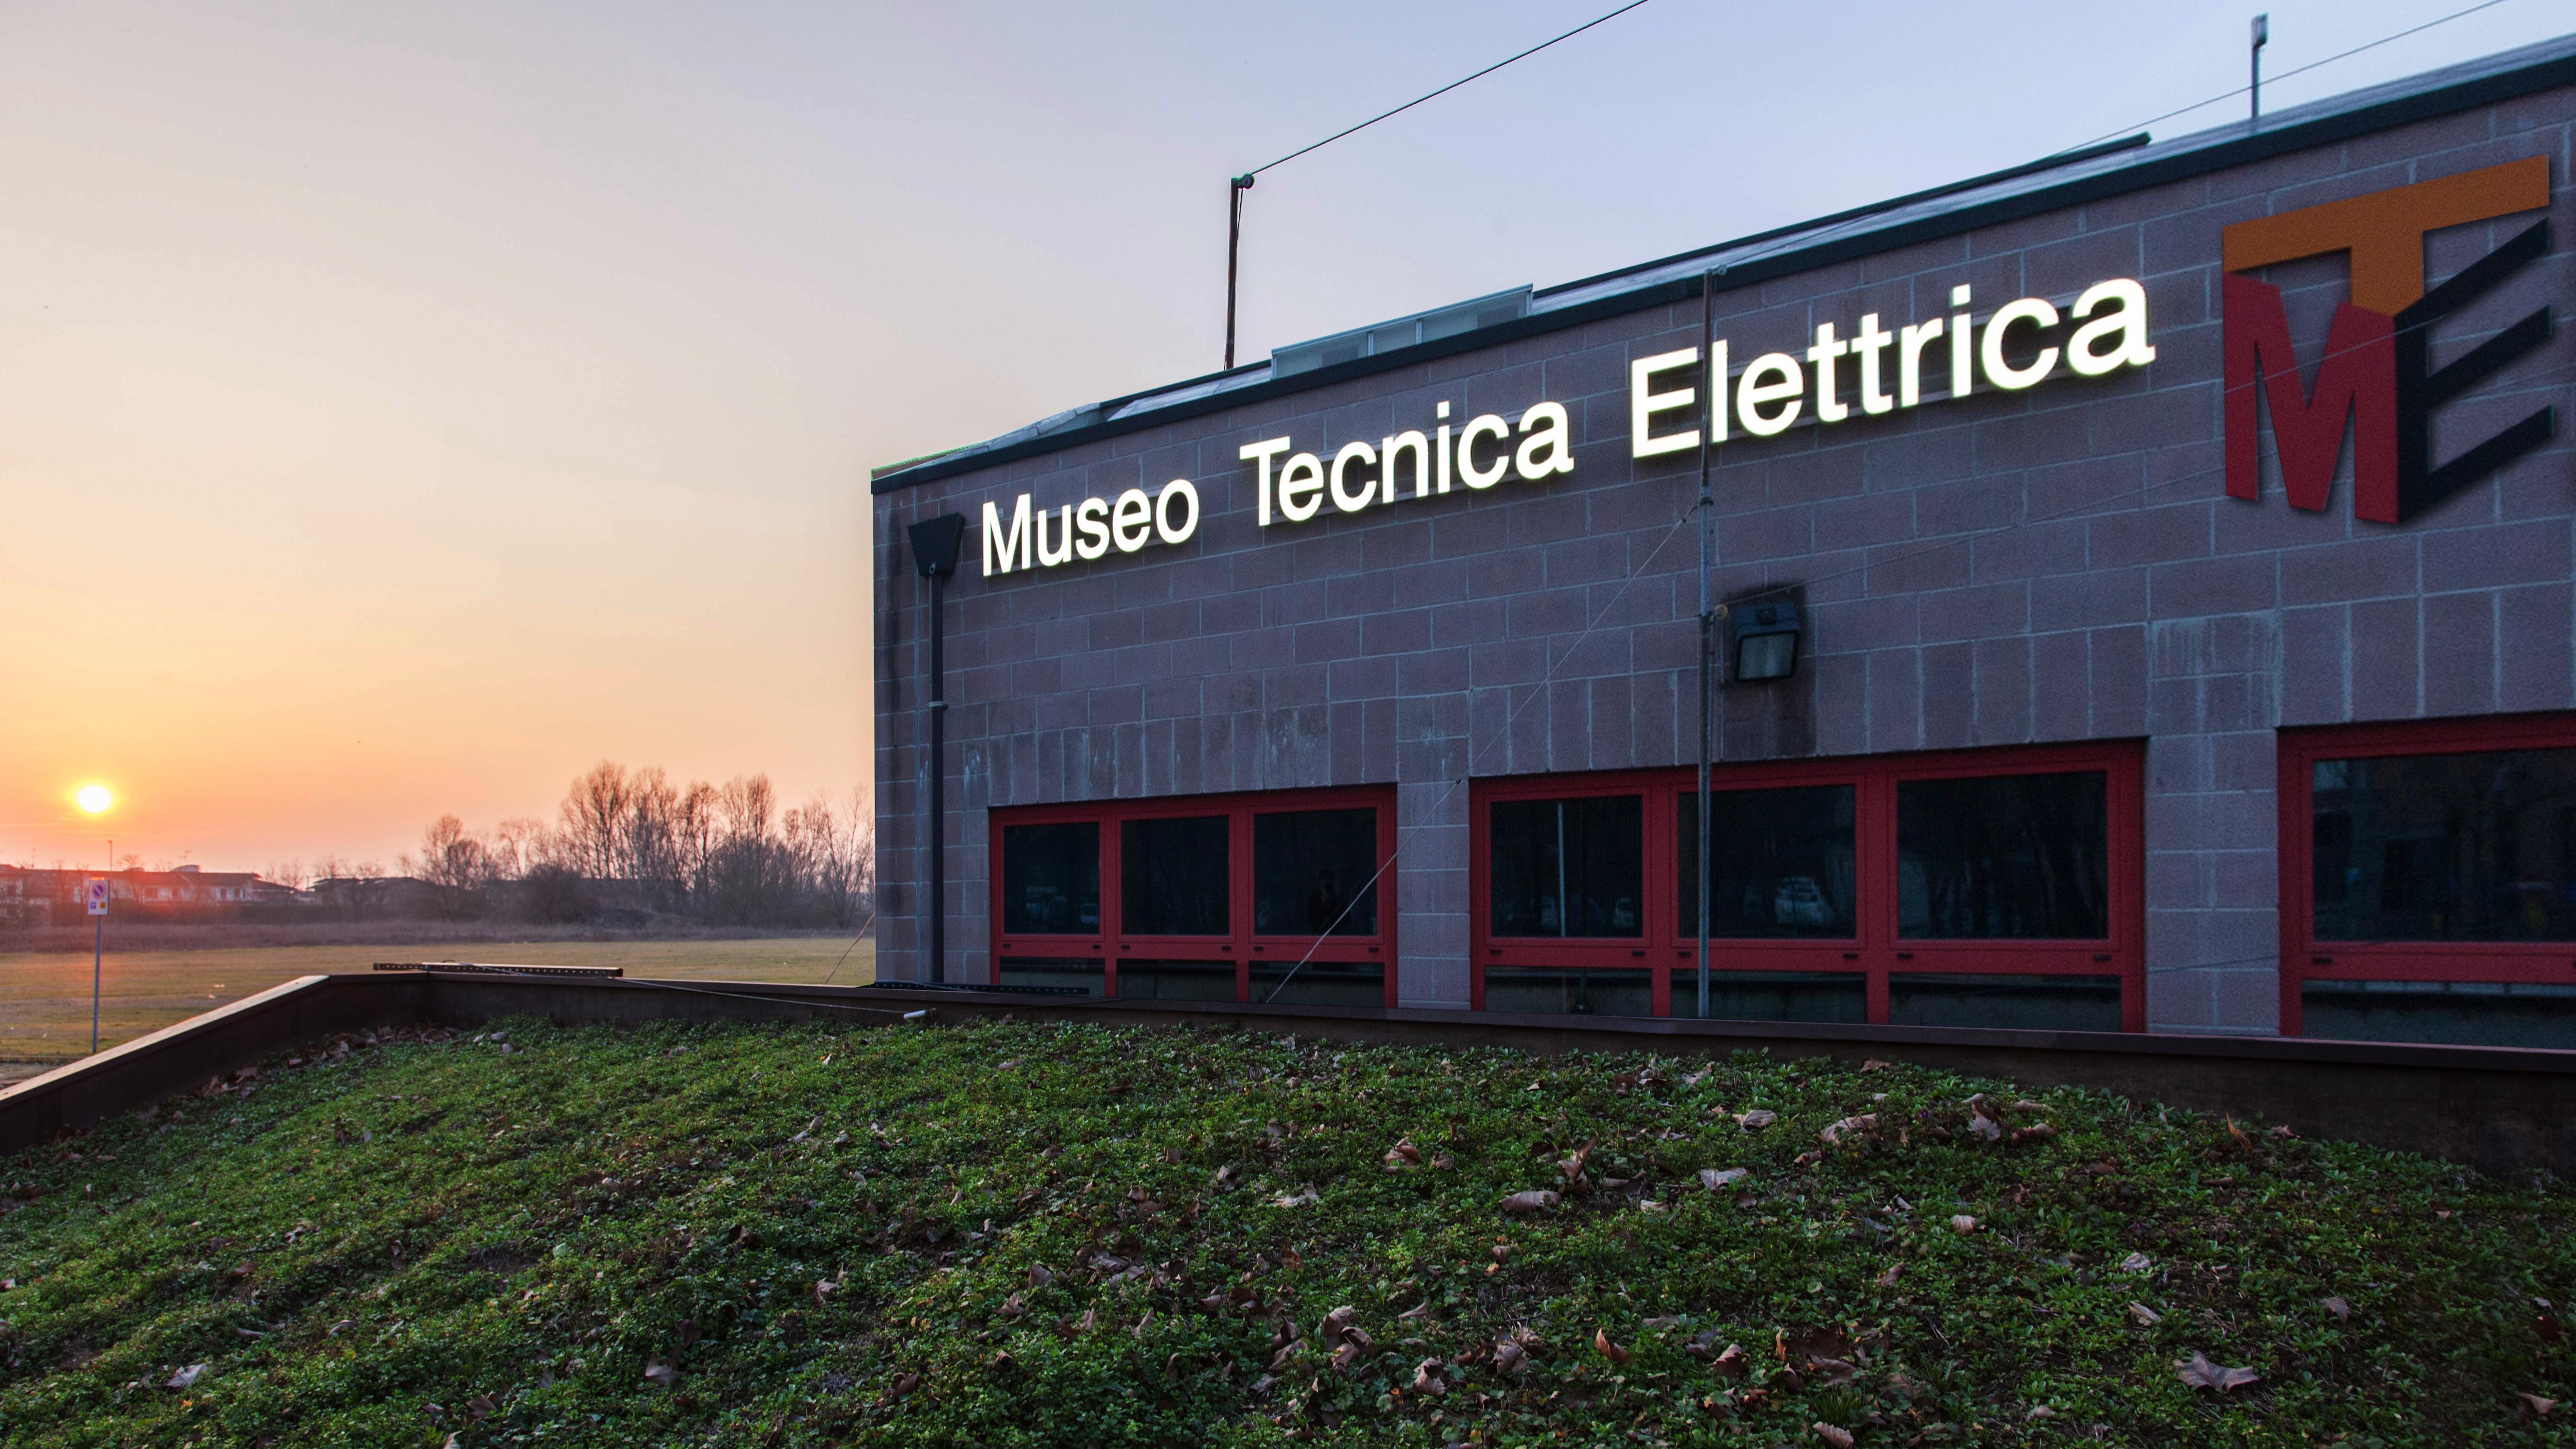 Museo Tecnica Elettrica 3